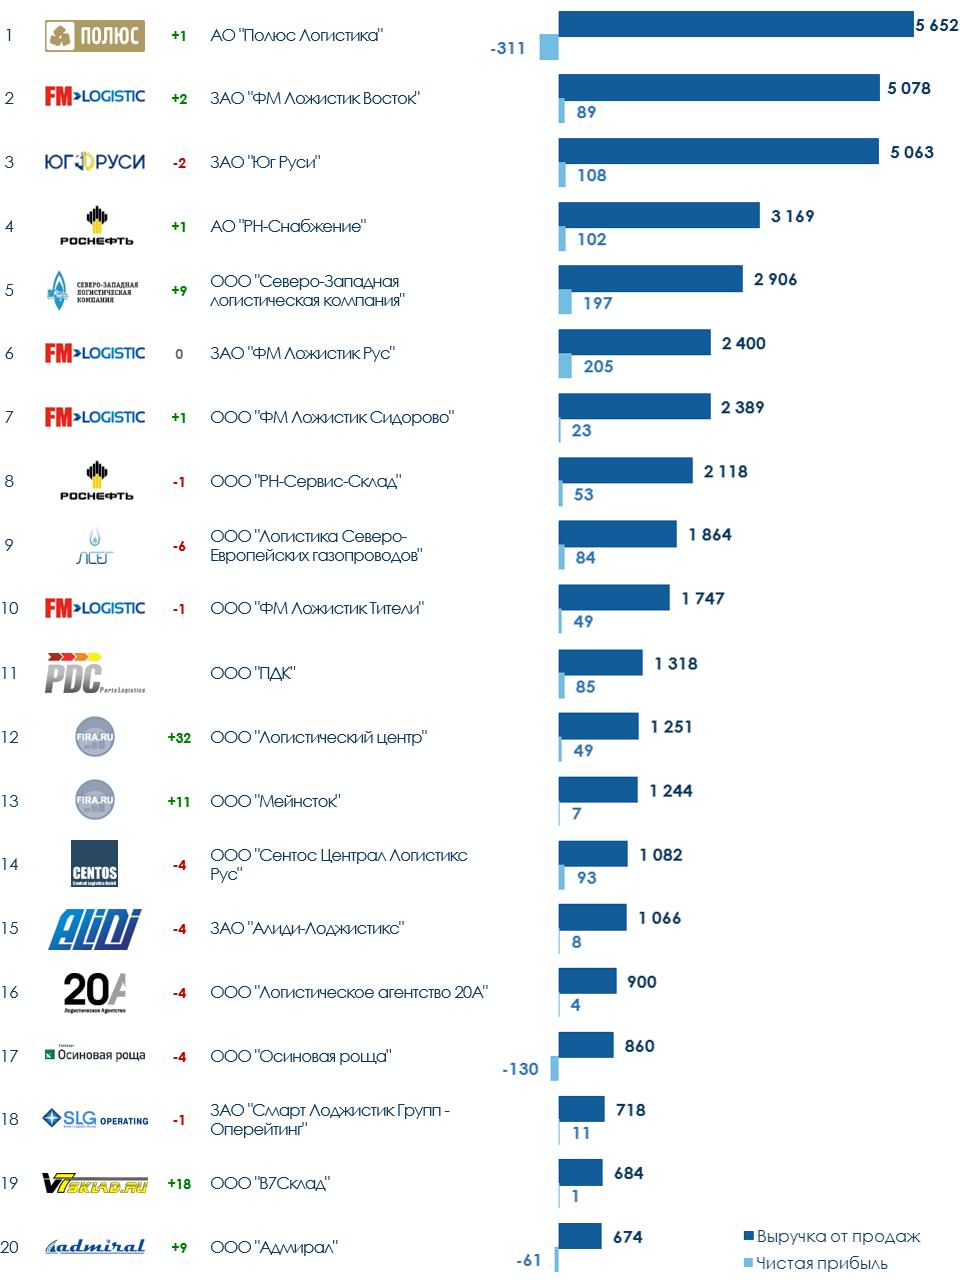 ТОП-20 компаний России в сфере услуг по складированию